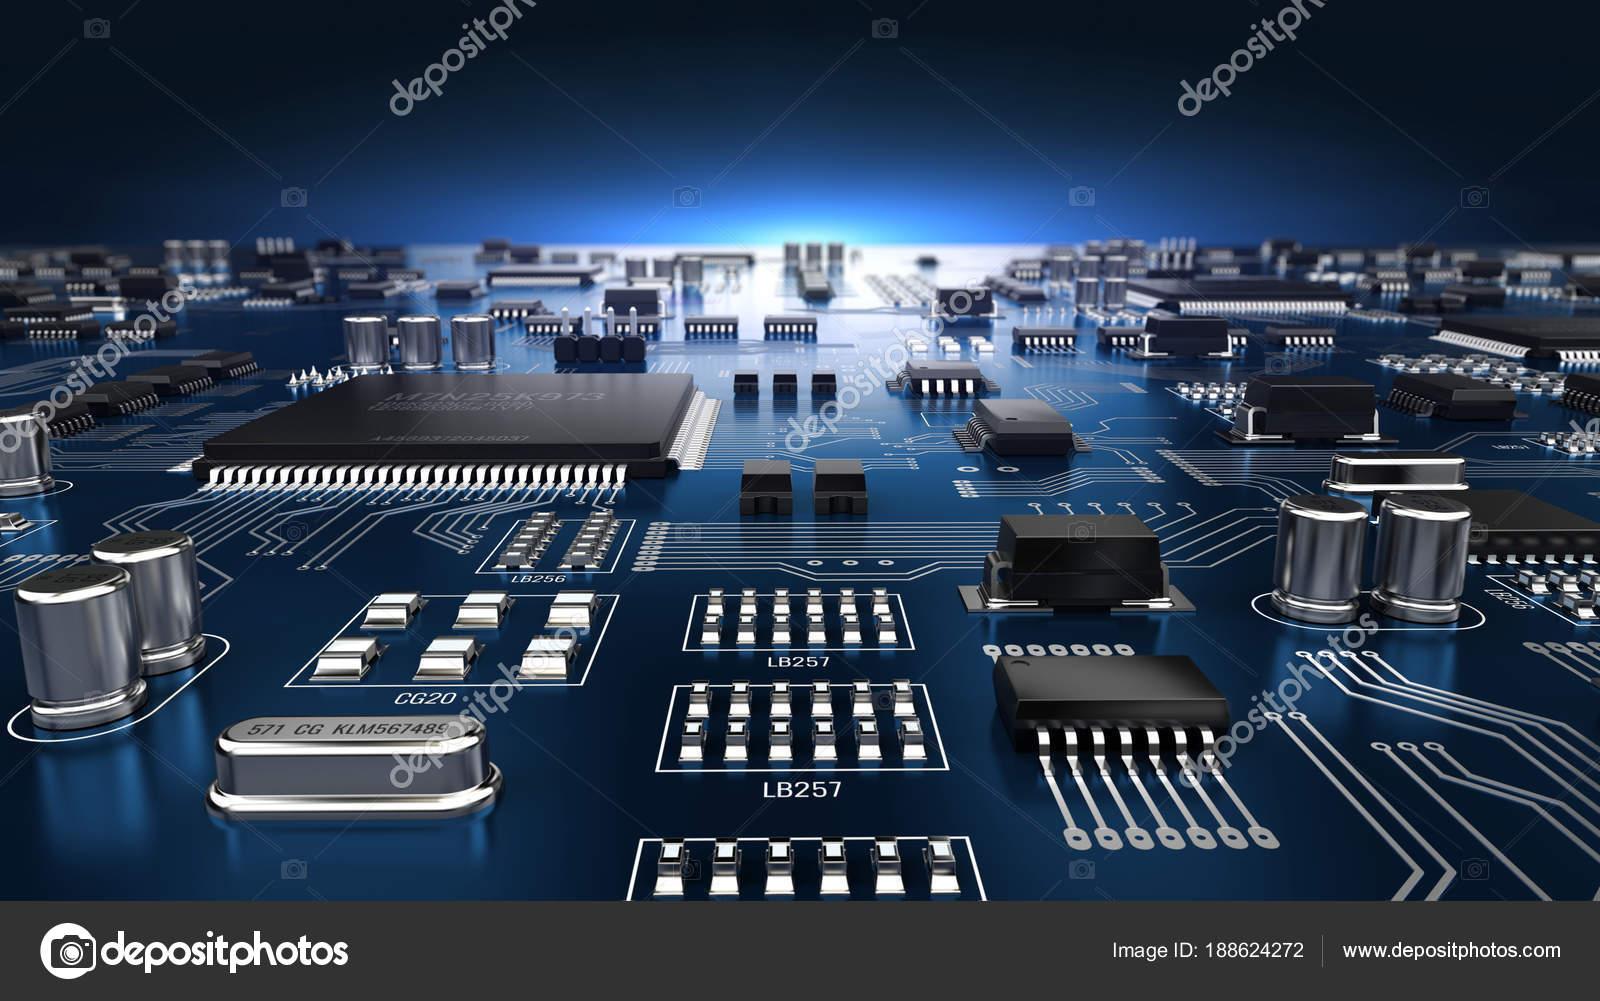 Amazing High Tech Elektronische Pcb Printed Circuit Board Mit Prozessoren Wiring Digital Resources Biosshebarightsorg